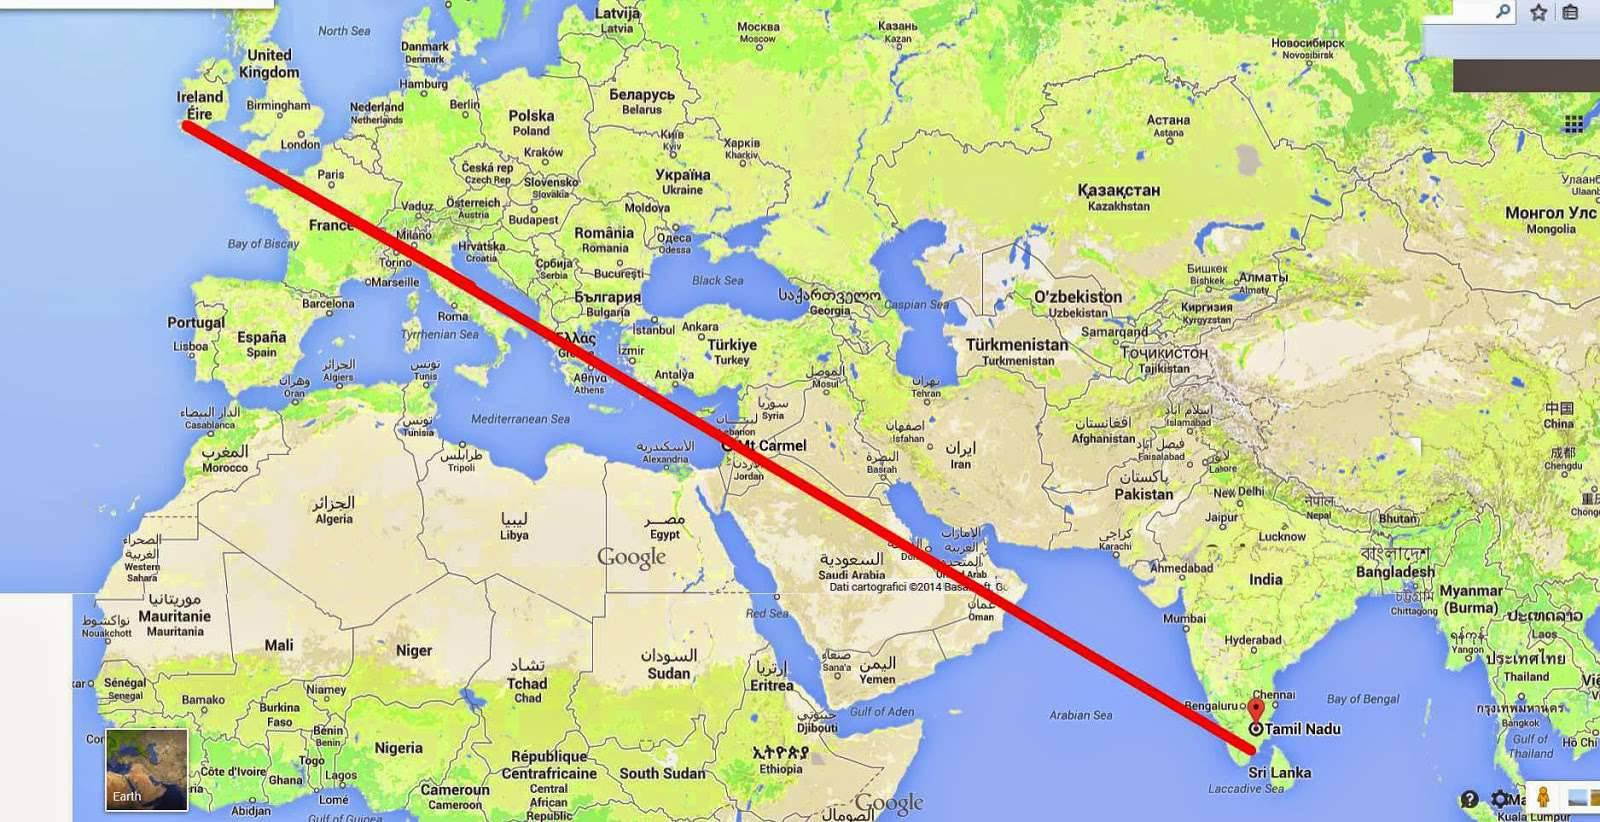 """Sự sắp đặt của Chúa: """" Các Ðền Thánh Micae làm thành đường thẳng trên bản đồ """""""